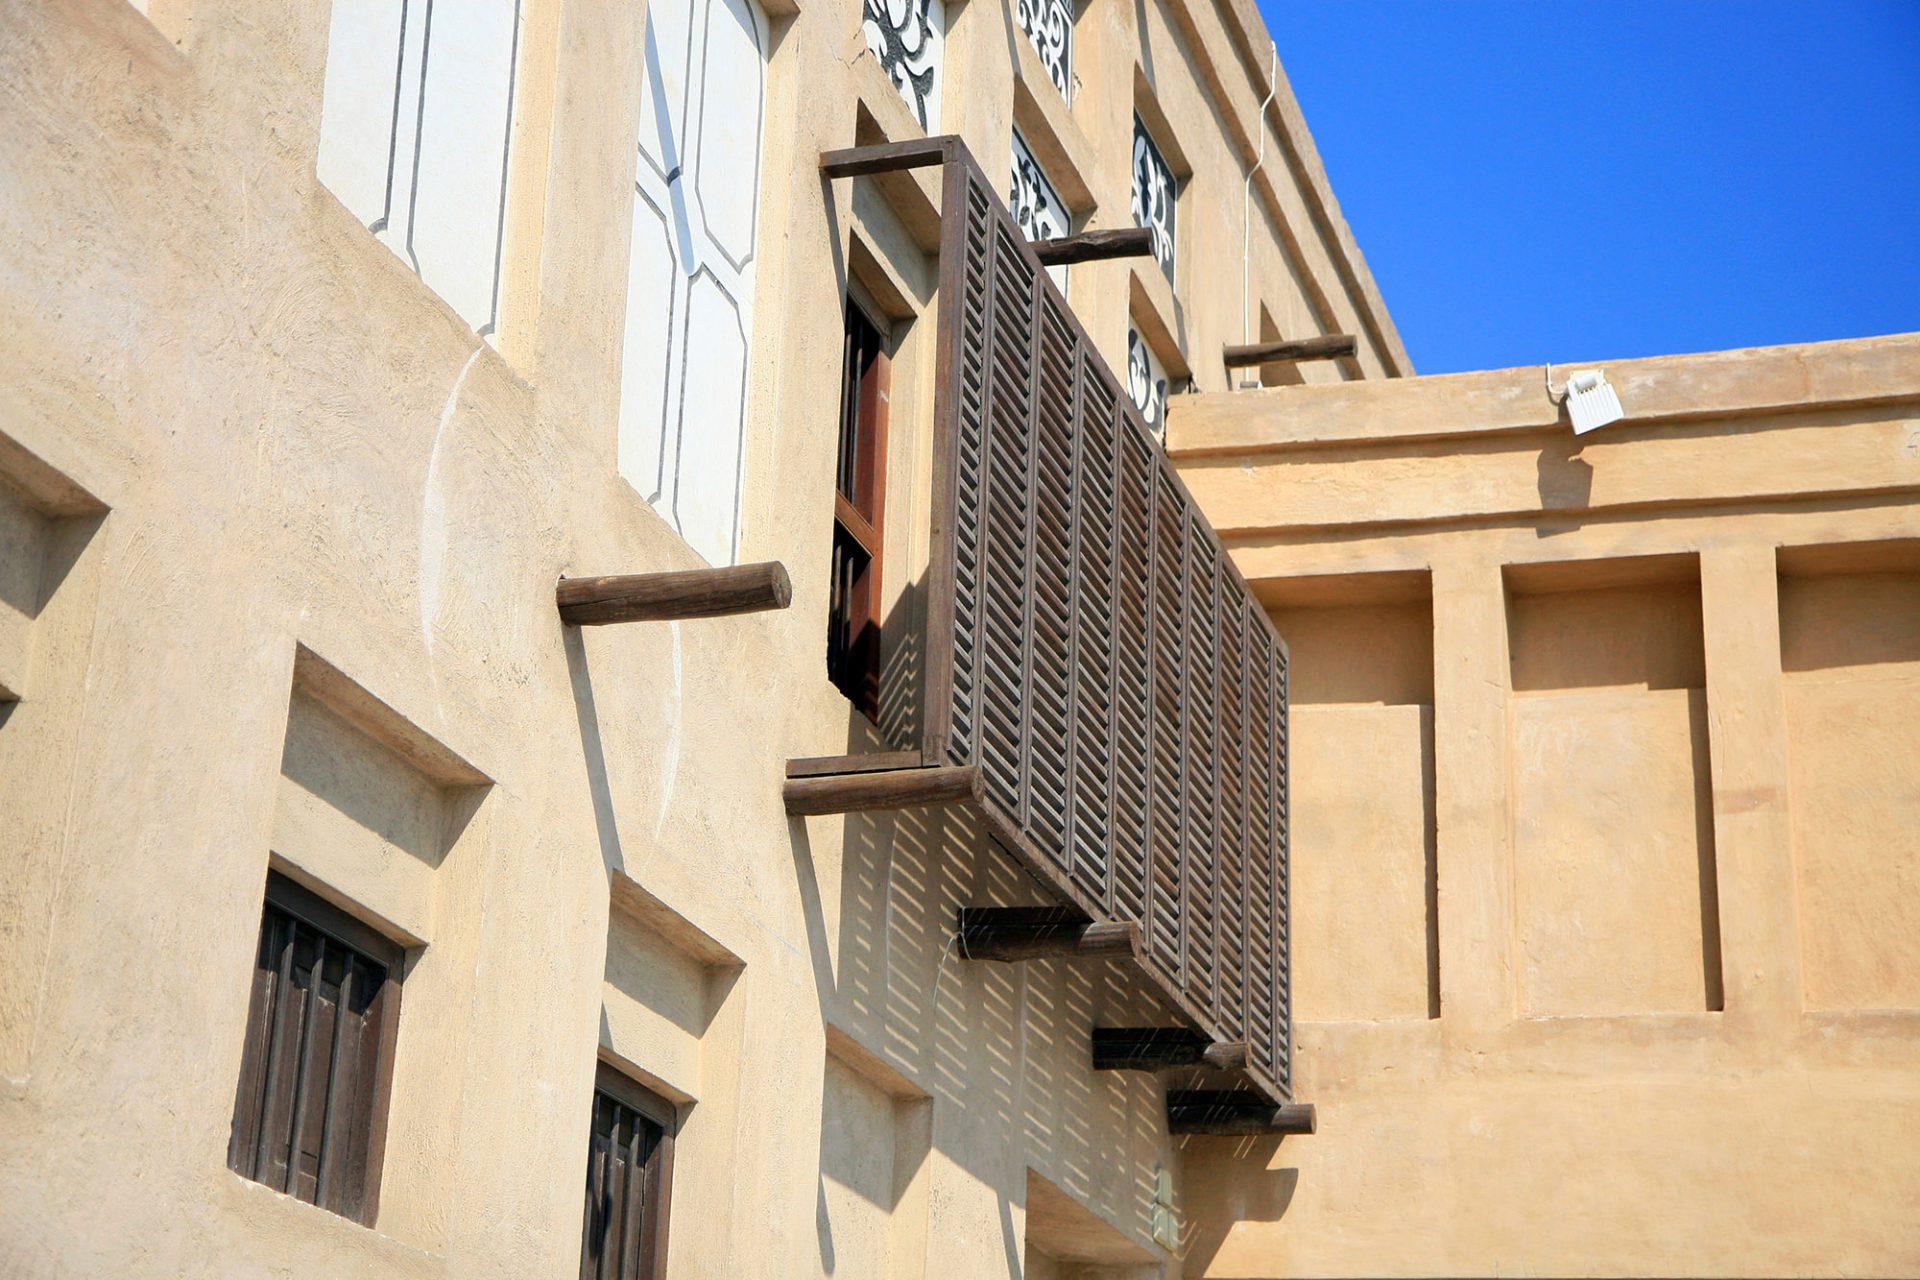 Jumaa and Obaid Bin Thani House. Das Haus wurde 1916 errichtet und befindet sich in direkter Nachbarschaft zum Saeed Al Maktoum House. Die Anlage hat wegen seiner Menge an architektonischen Details einen besonderen historischen und künstlerischen Wert, wie beispielsweise der traditionelle hölzerne Sicht- und Sonnenschutz (Mashrabiya).